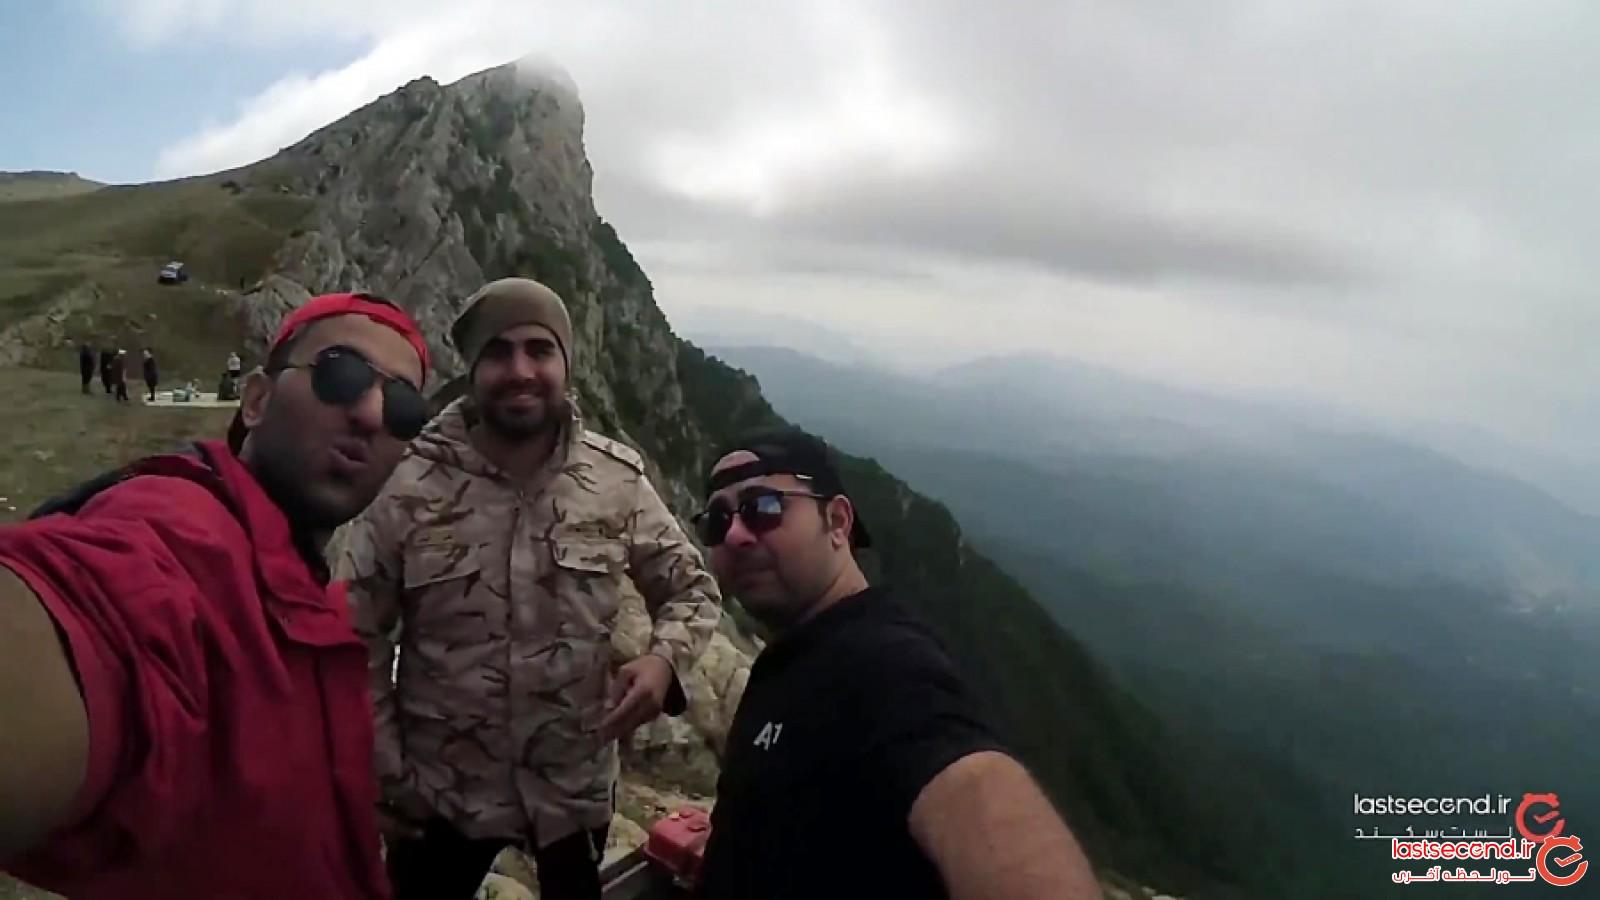 طبیعت گردی به سبک جوان های ایرانی